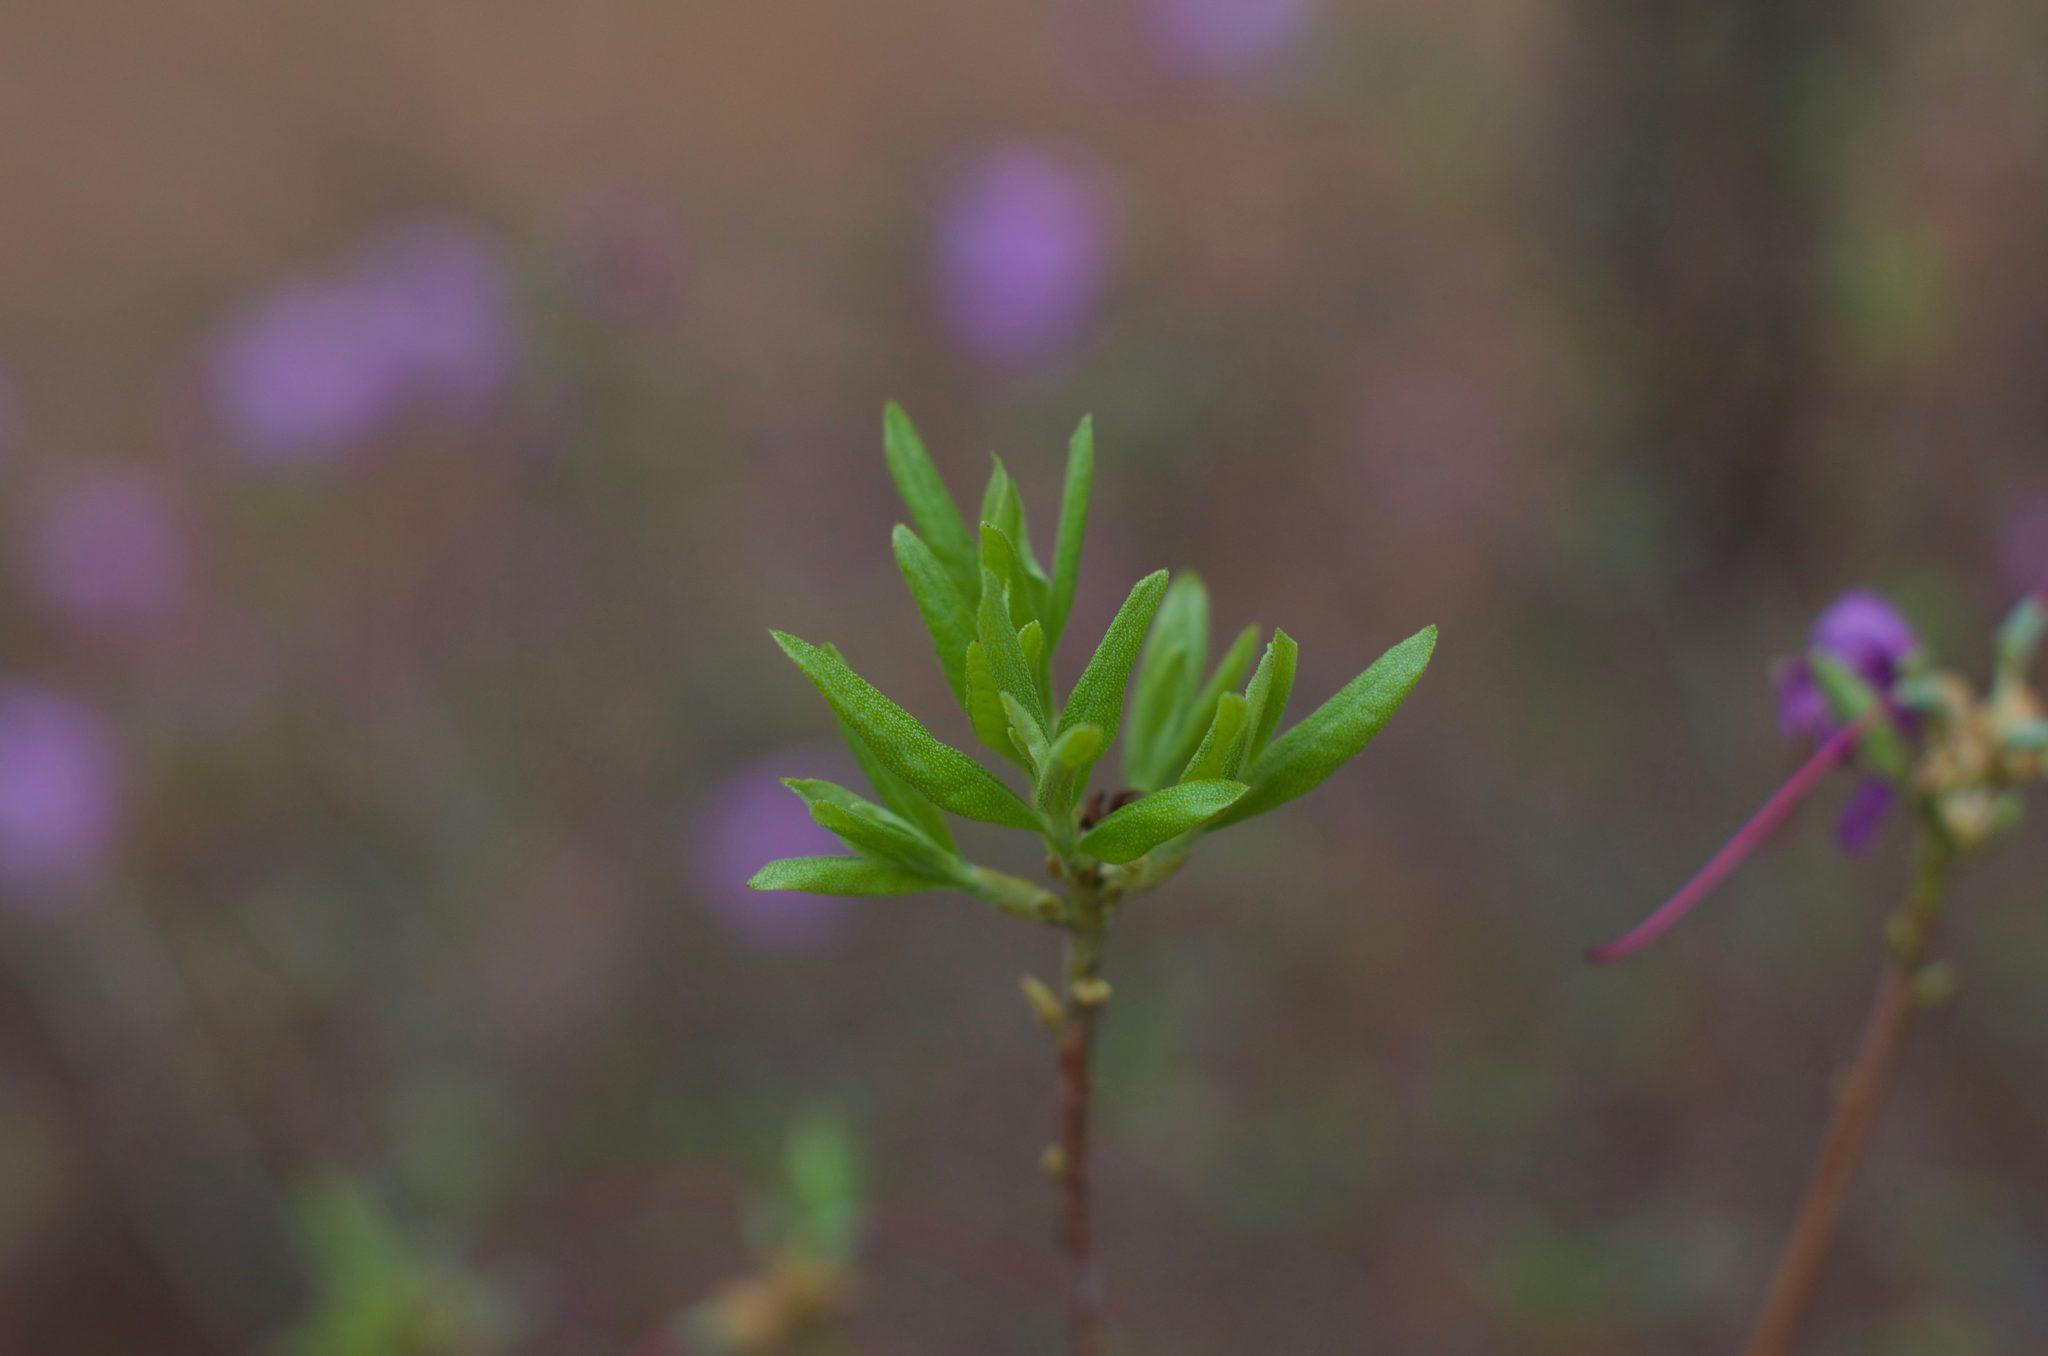 분당 중앙공원 진달래잎